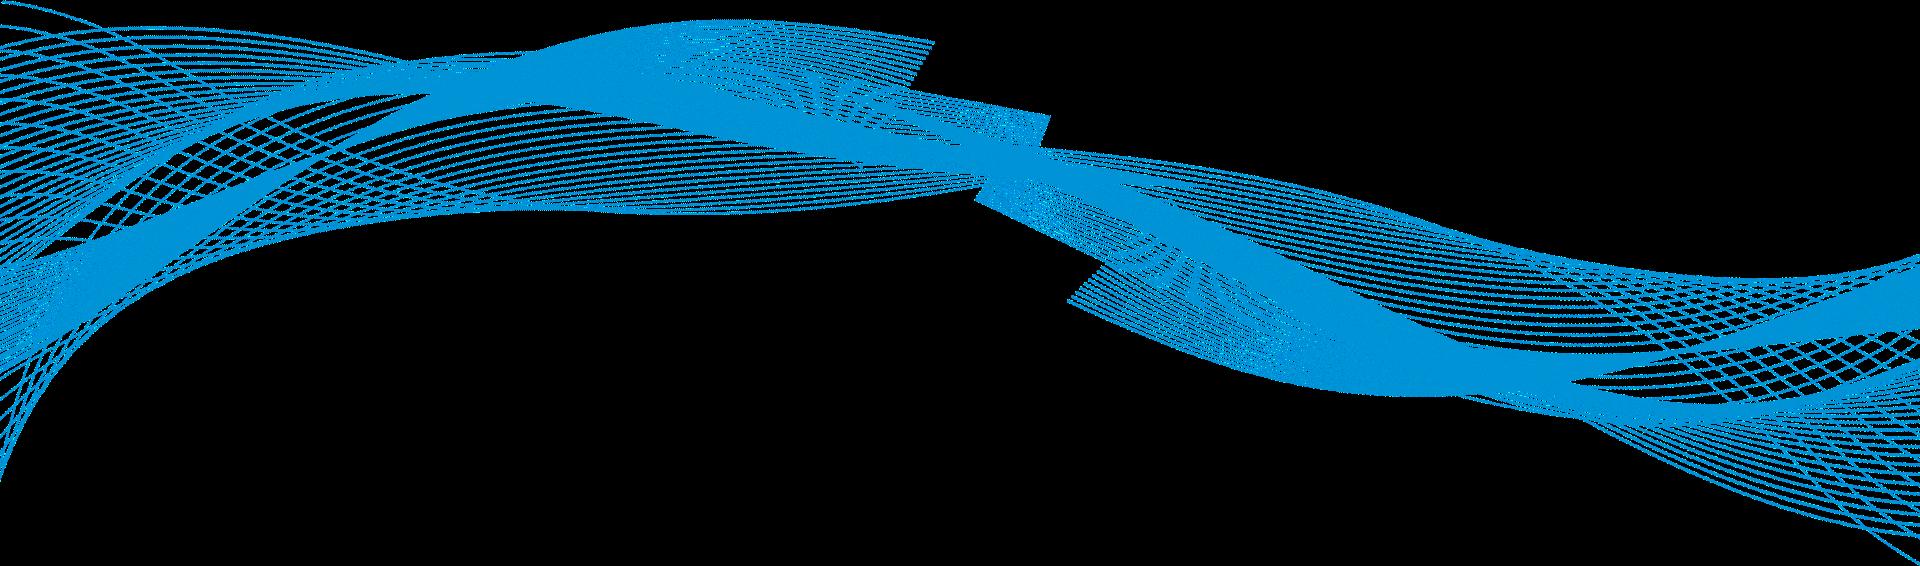 Zymetric